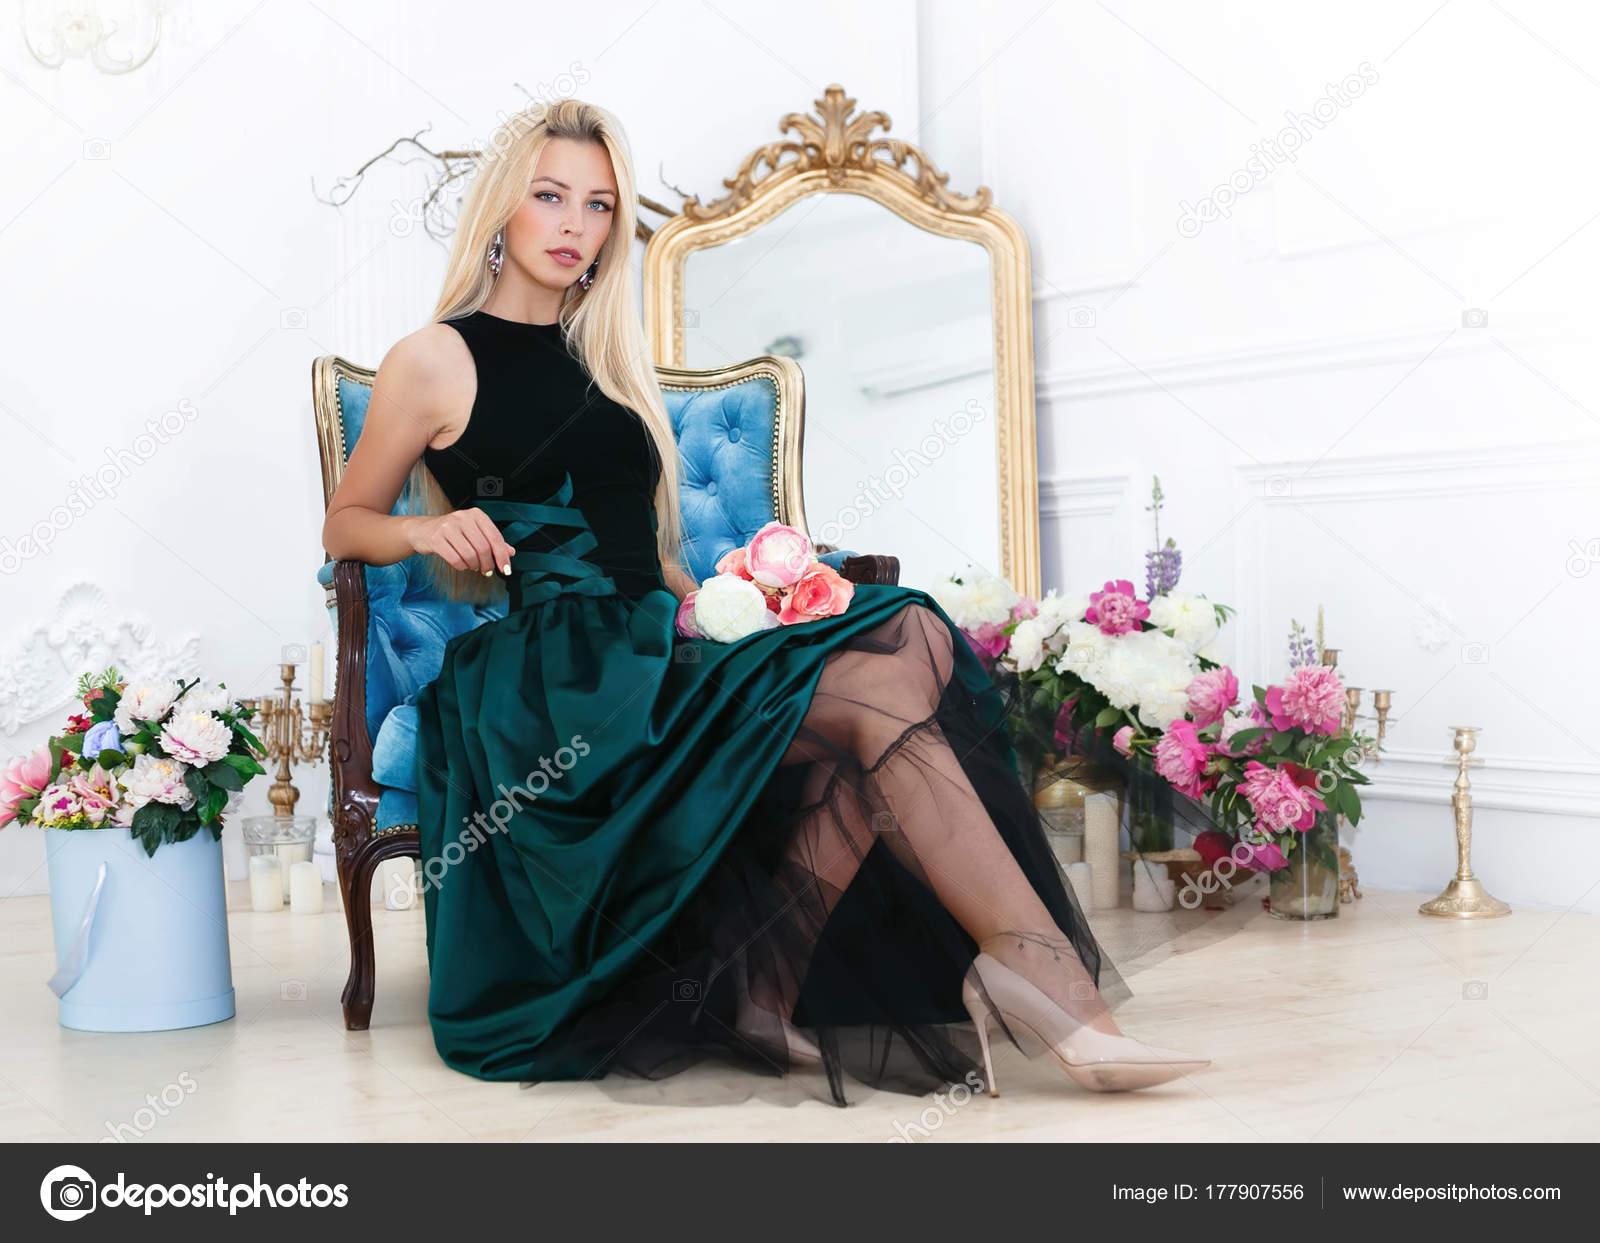 Señora Mujer Young Sentada Posando Sillón Hermosa Vintage Princess nS6Fqx7H